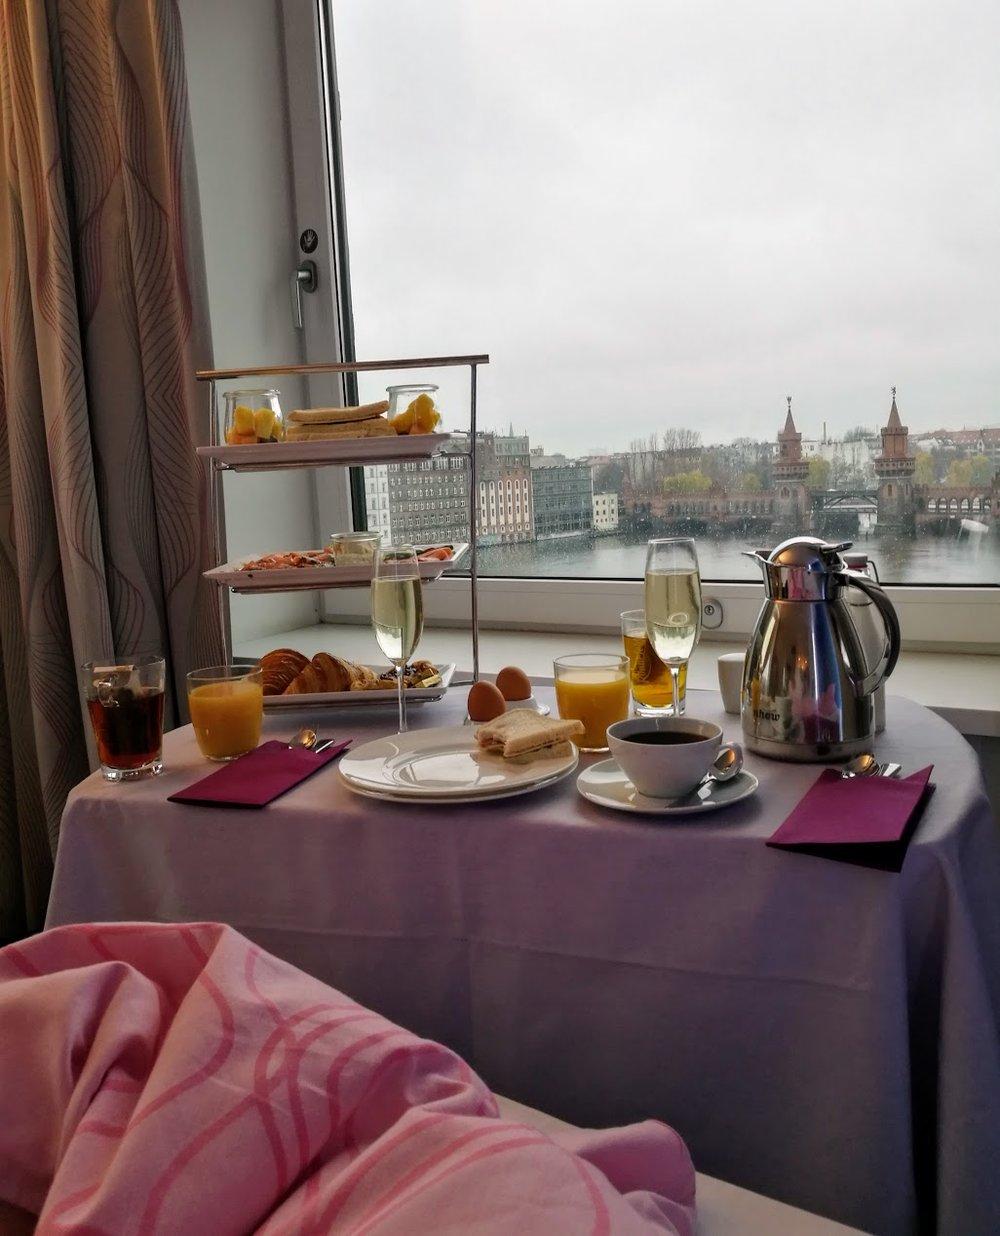 I november åt jag kanske världens (till utseendet) najsigaste hotellfrukost. Den var inte riktigt så god som den ser ut, men vad gör det när en får frukost i sängen vid Spree?!